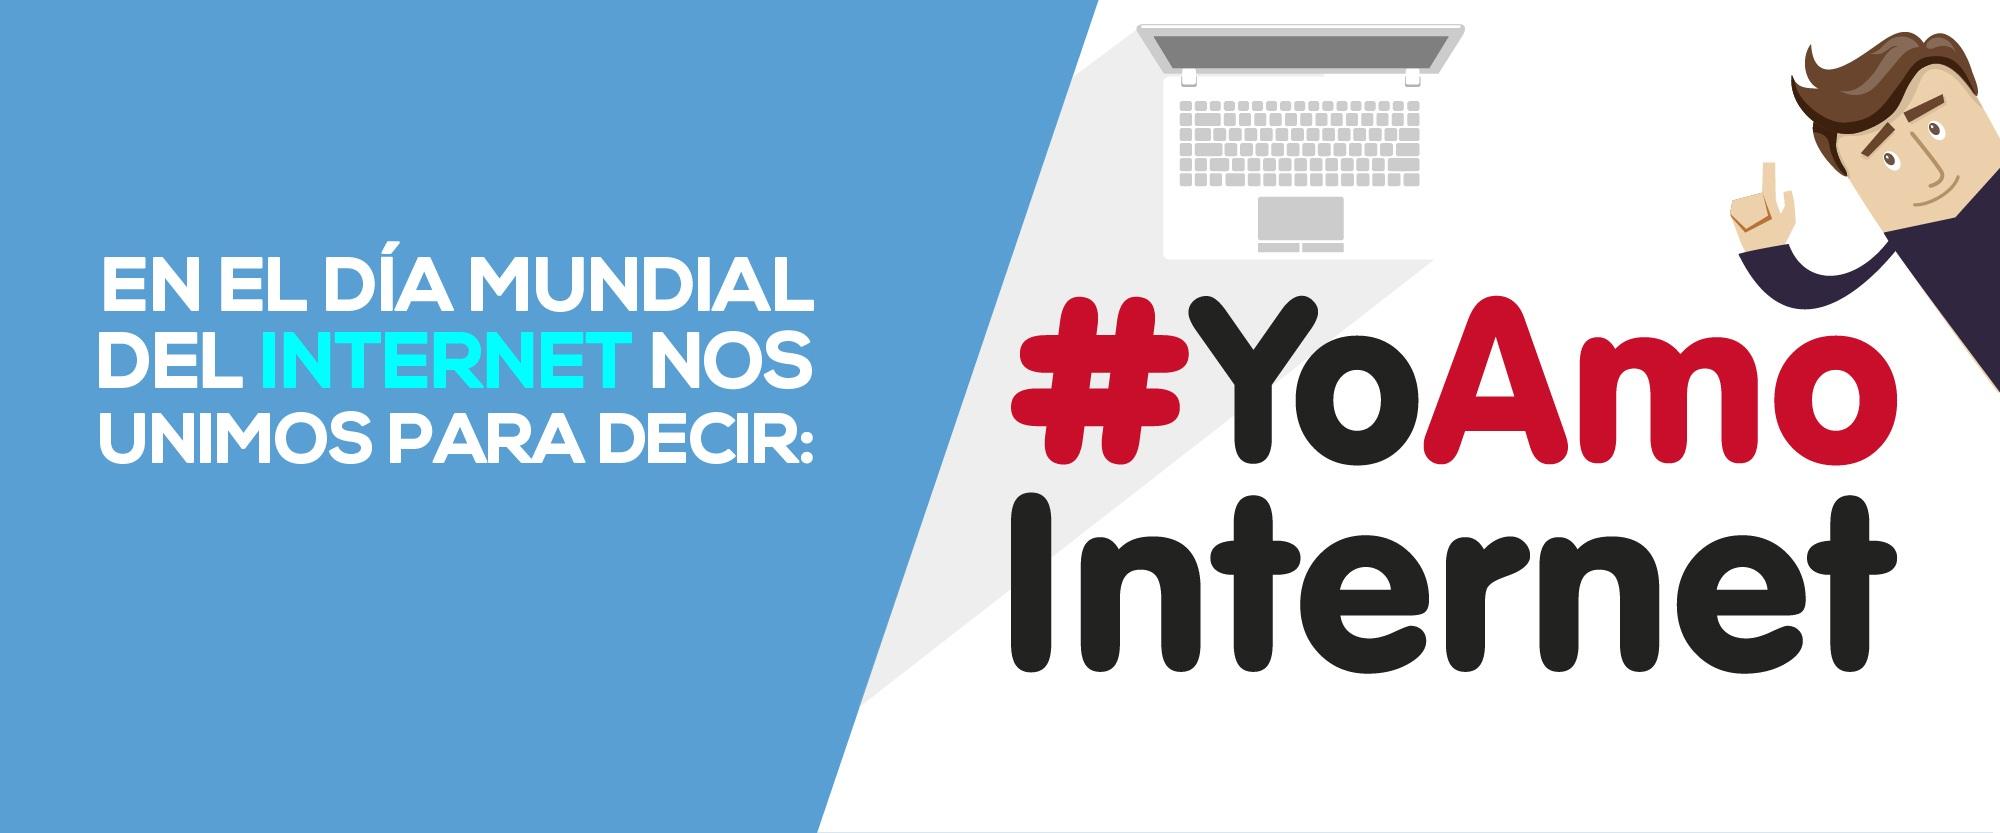 Crecimiento de la economía digital colombiana